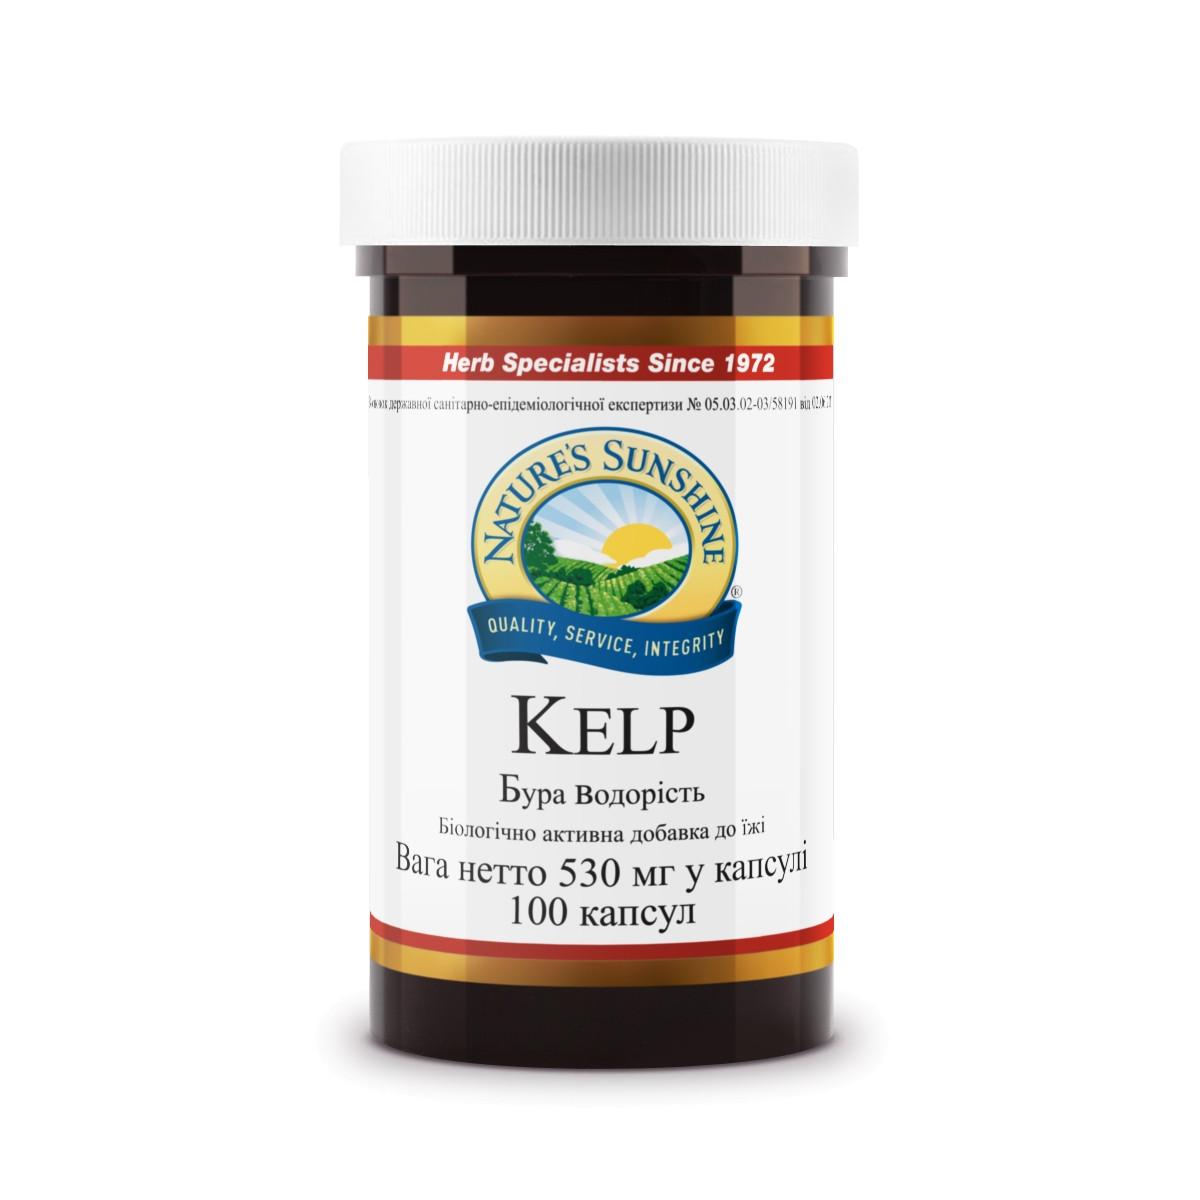 KELP. Бурая водоросль бад НСП. растительный йод для щитовидной железы.